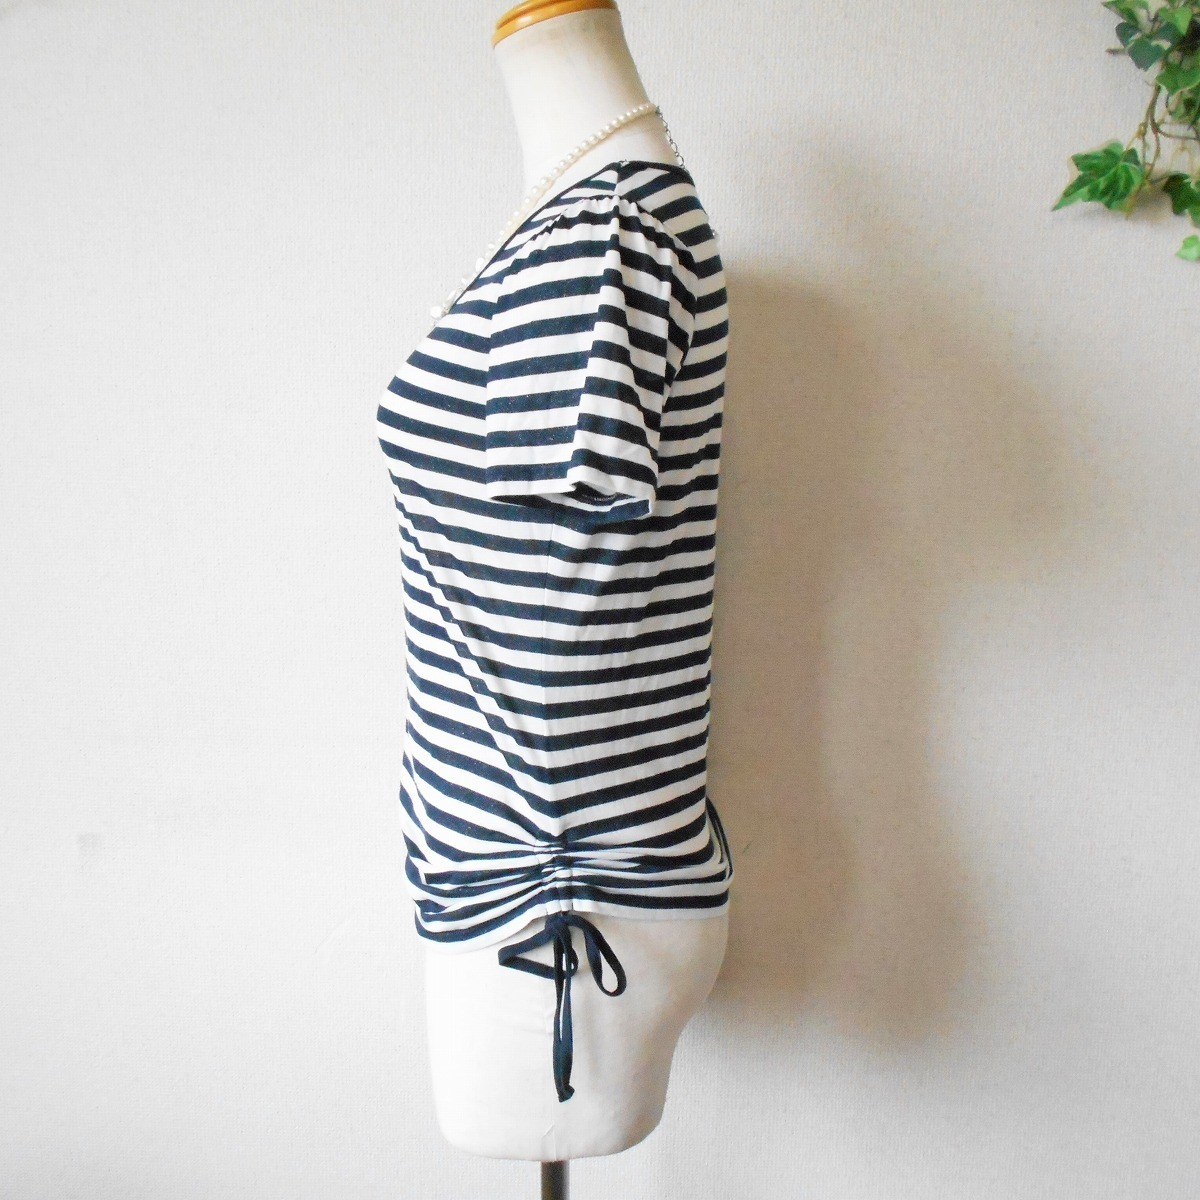 組曲 KUMIKYOKU オンワード 樫山 ラメ 入り ボーダー / 絞れる リボン 付き 半袖 カットソー Tシャツ 2_画像5